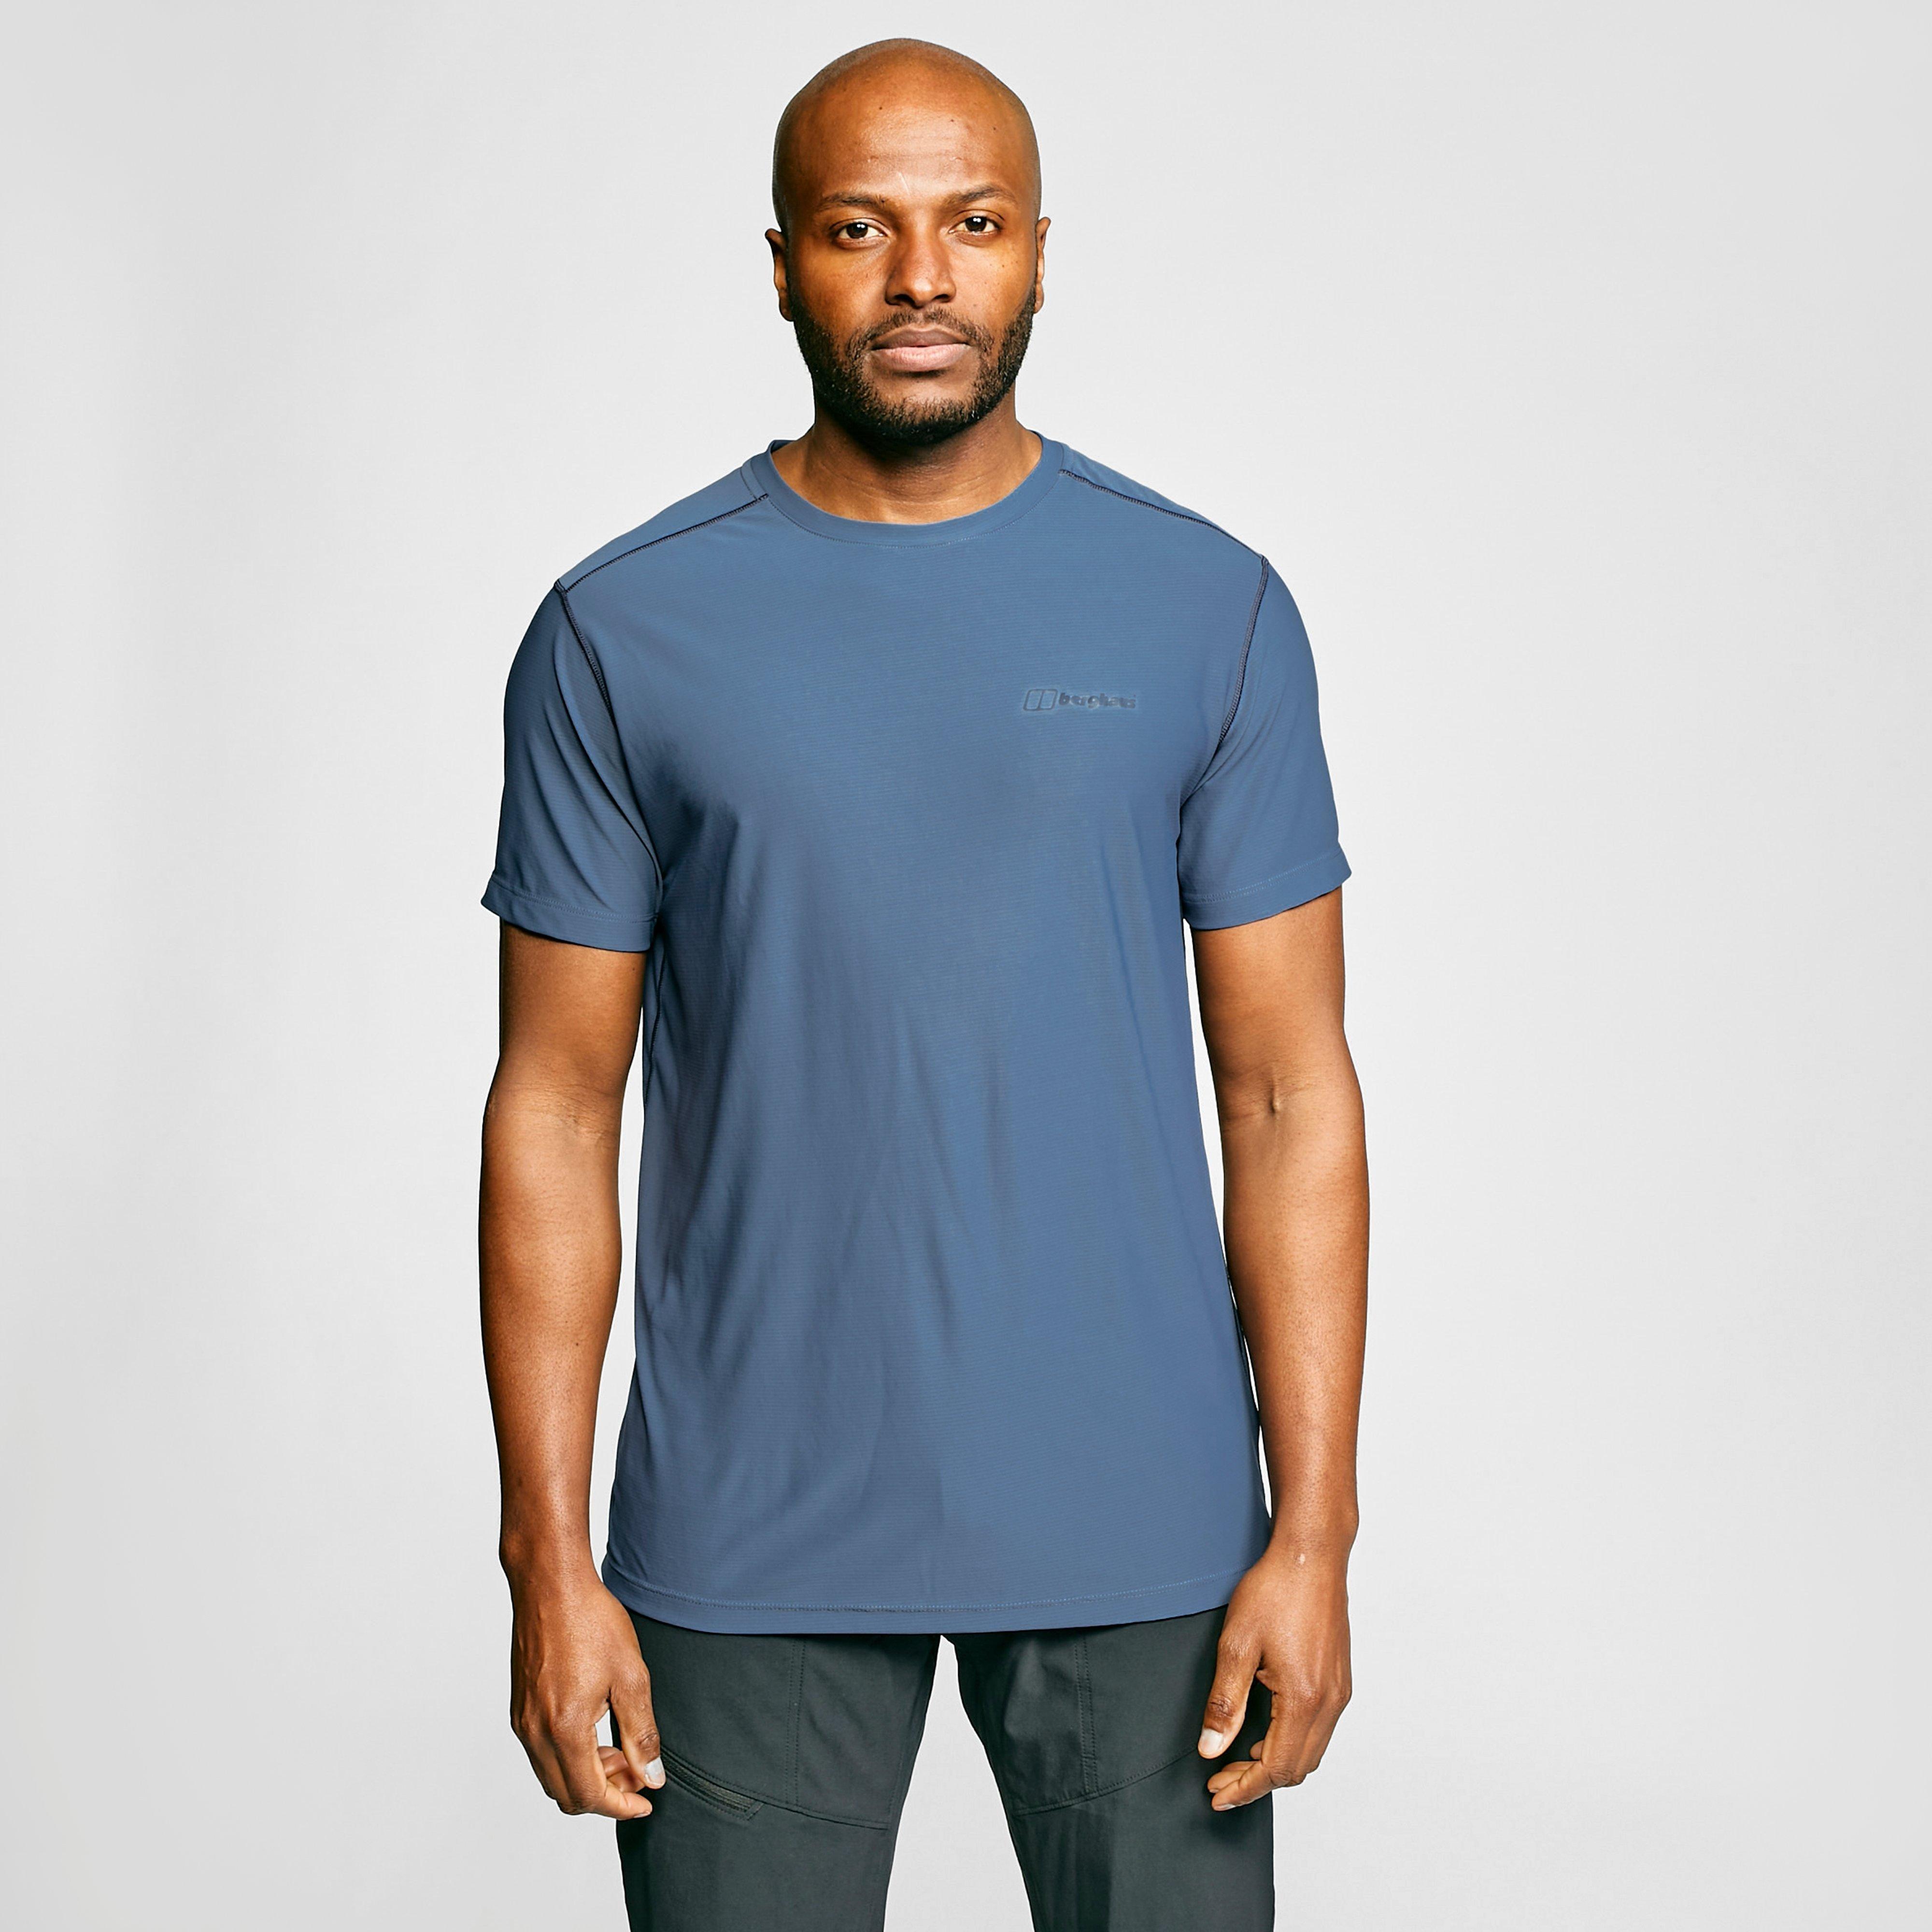 Berghaus Mens 24/7 Tech T-shirt - Blue  Blue